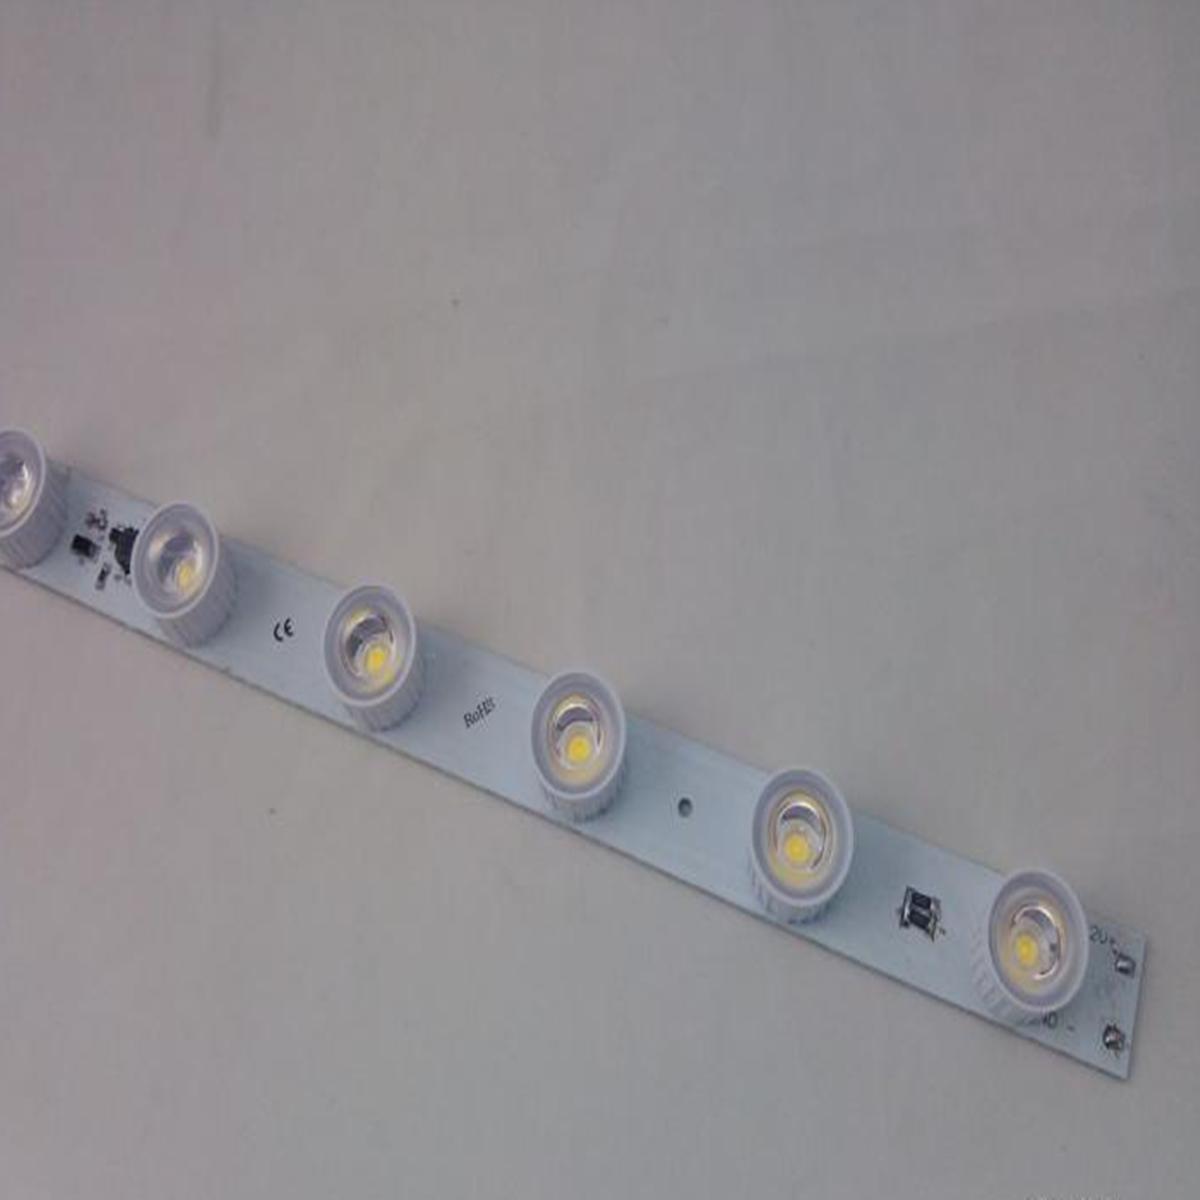 3528 LED Light Bar (QC-3LBN-30)